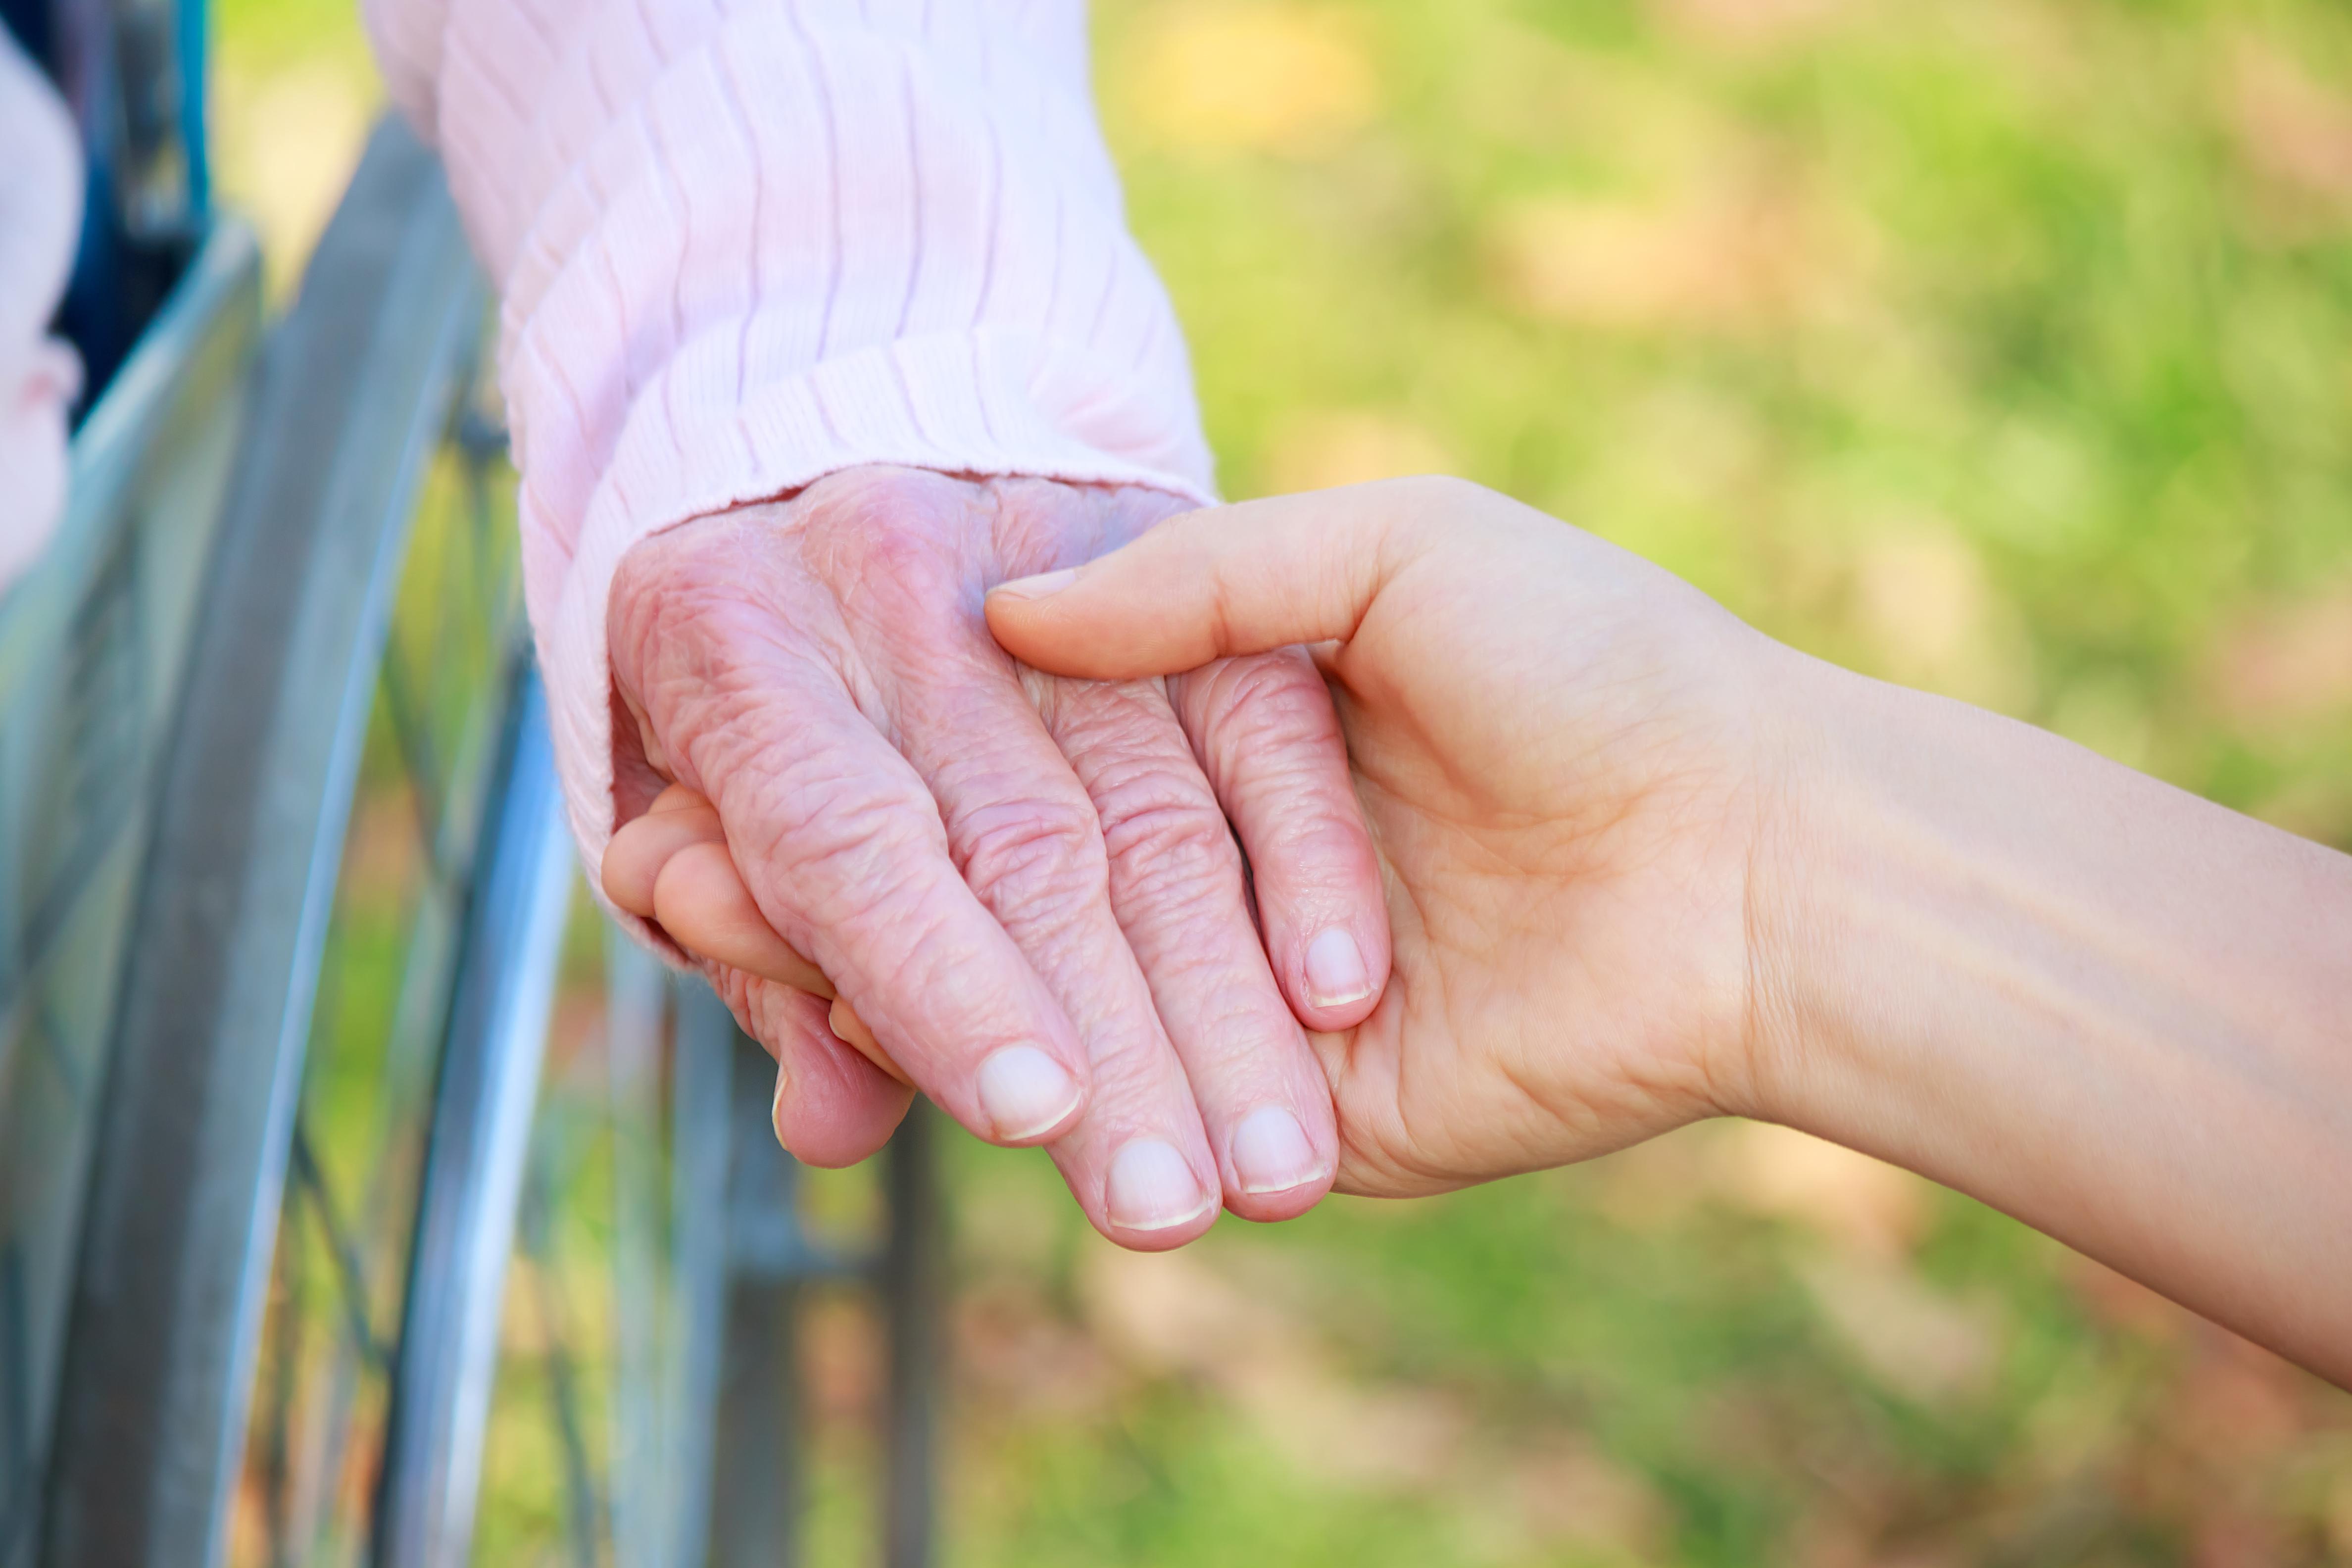 Den vanligaste formen i Sverige, klassisk amyotrofisklateralskleros (ALS) leder till att man får muskelkramper, små muskelryckningar och ökad muskelstelhet.